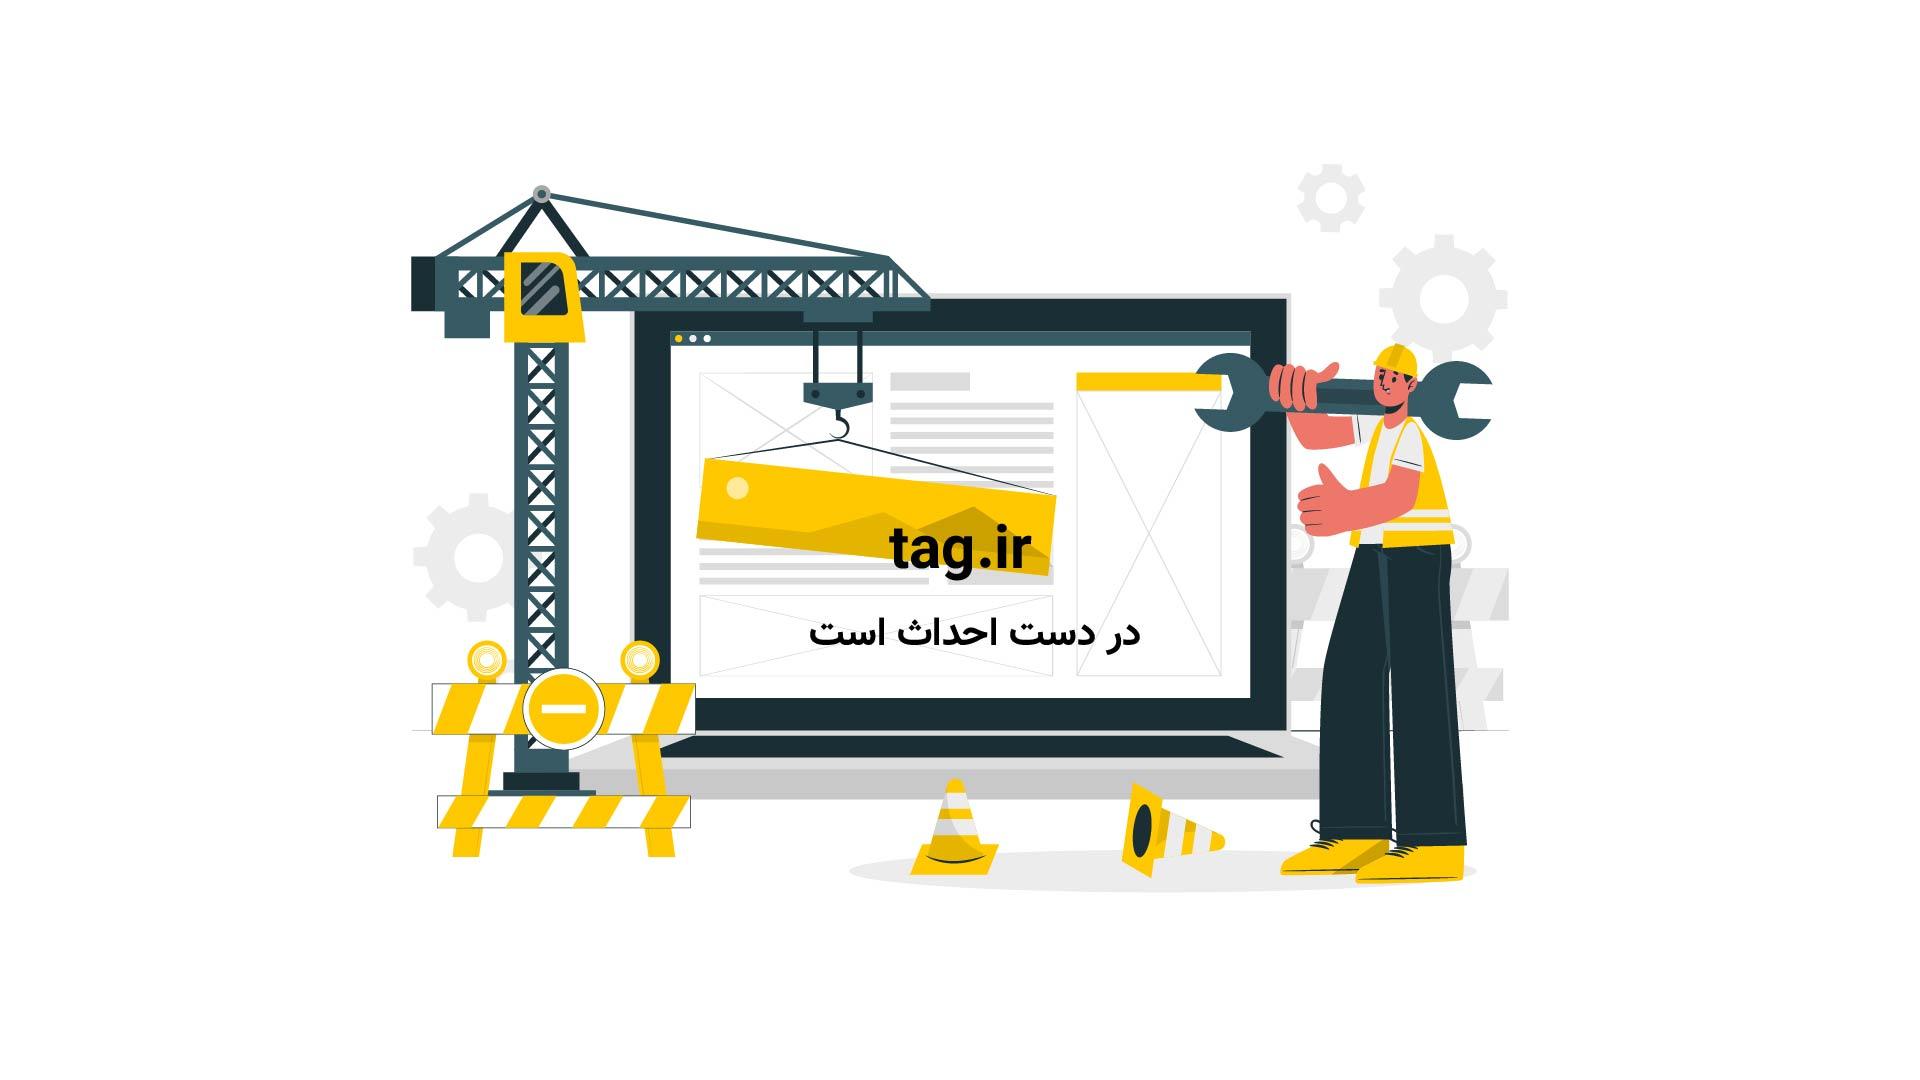 زنگ کلیسای برطله بعد از اخراج داعش به صدا درآمد | فیلم